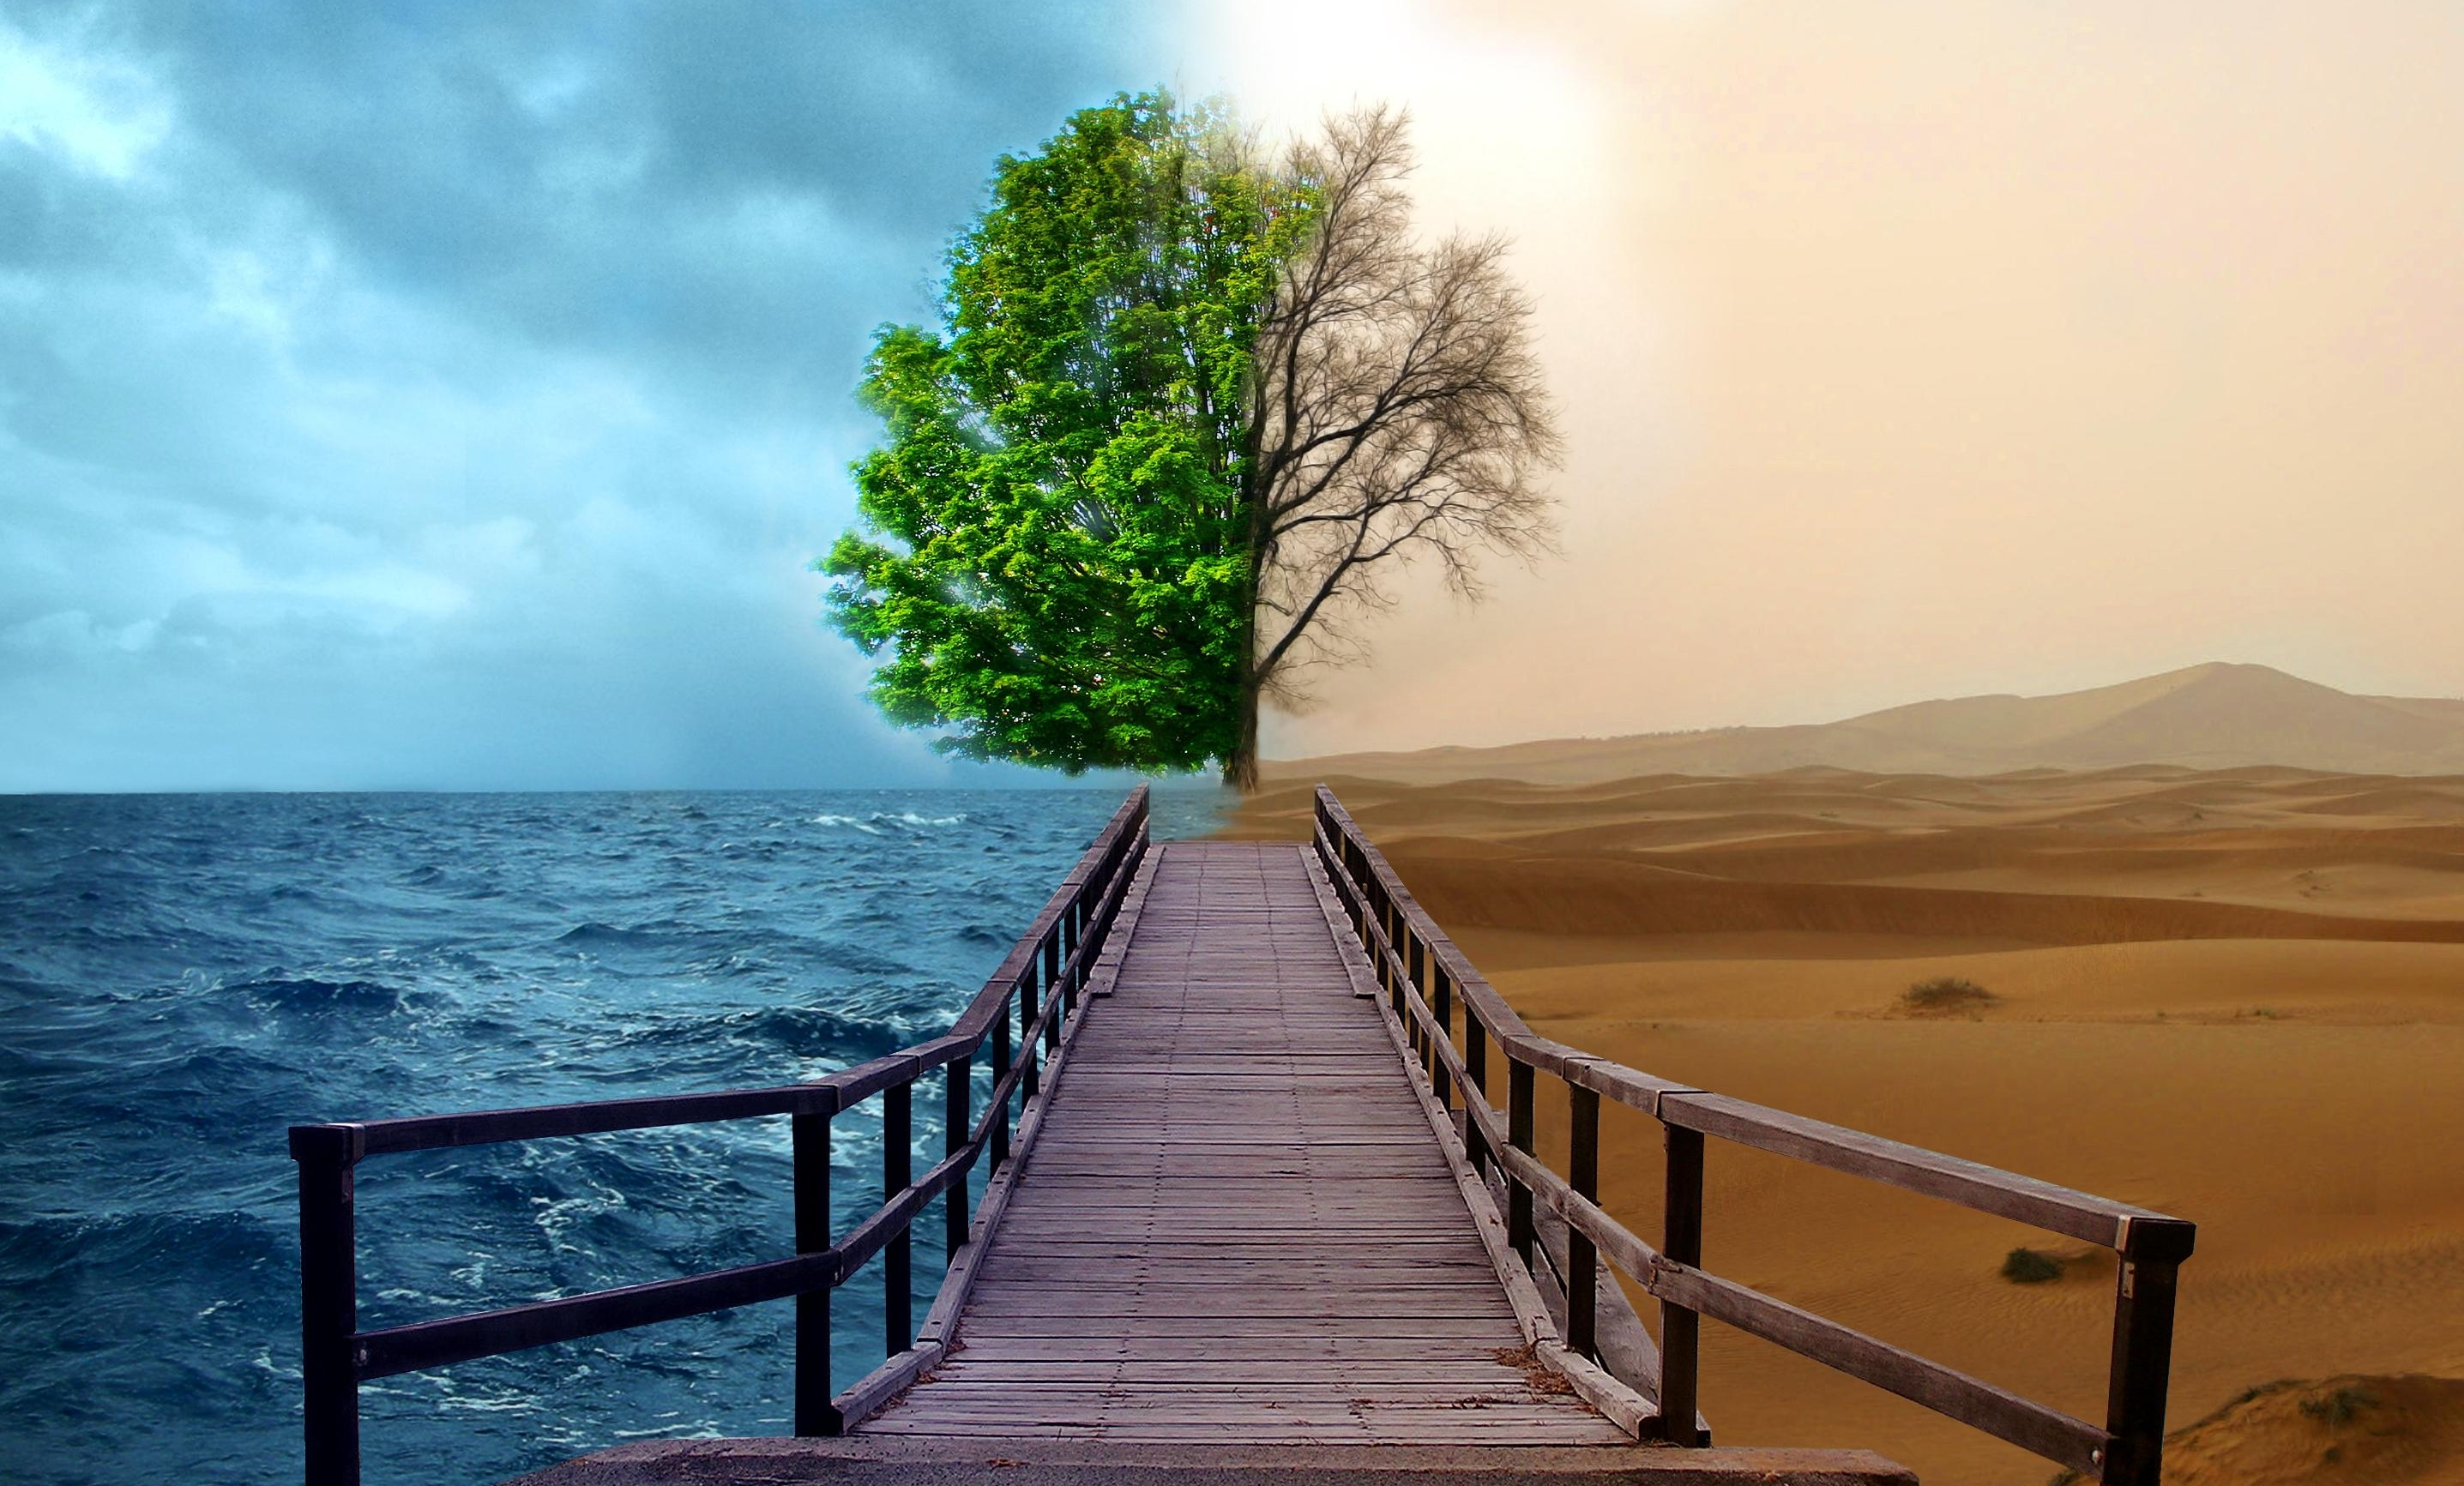 мостик, дерево, пустыня